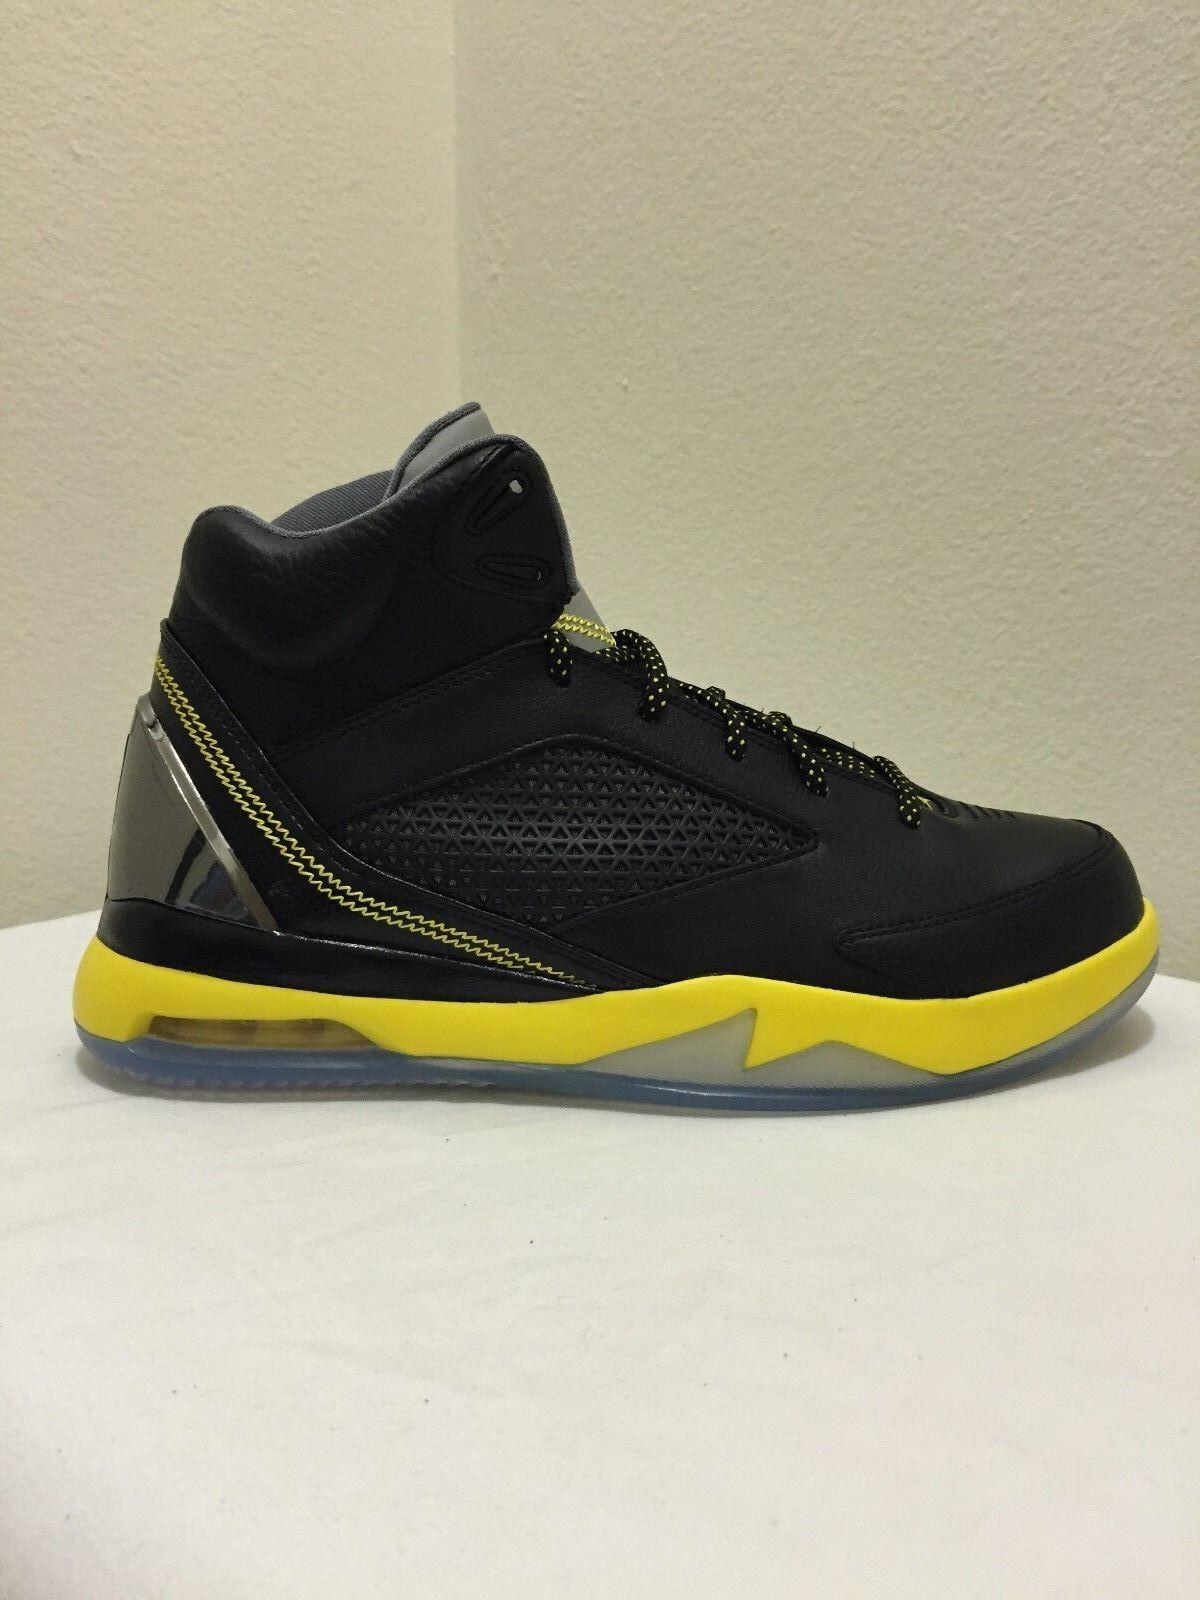 Le scarpe nike air jordan di nero pallacanestro Uomo volo remix nero di / giallo 679680 070 e0a1a4